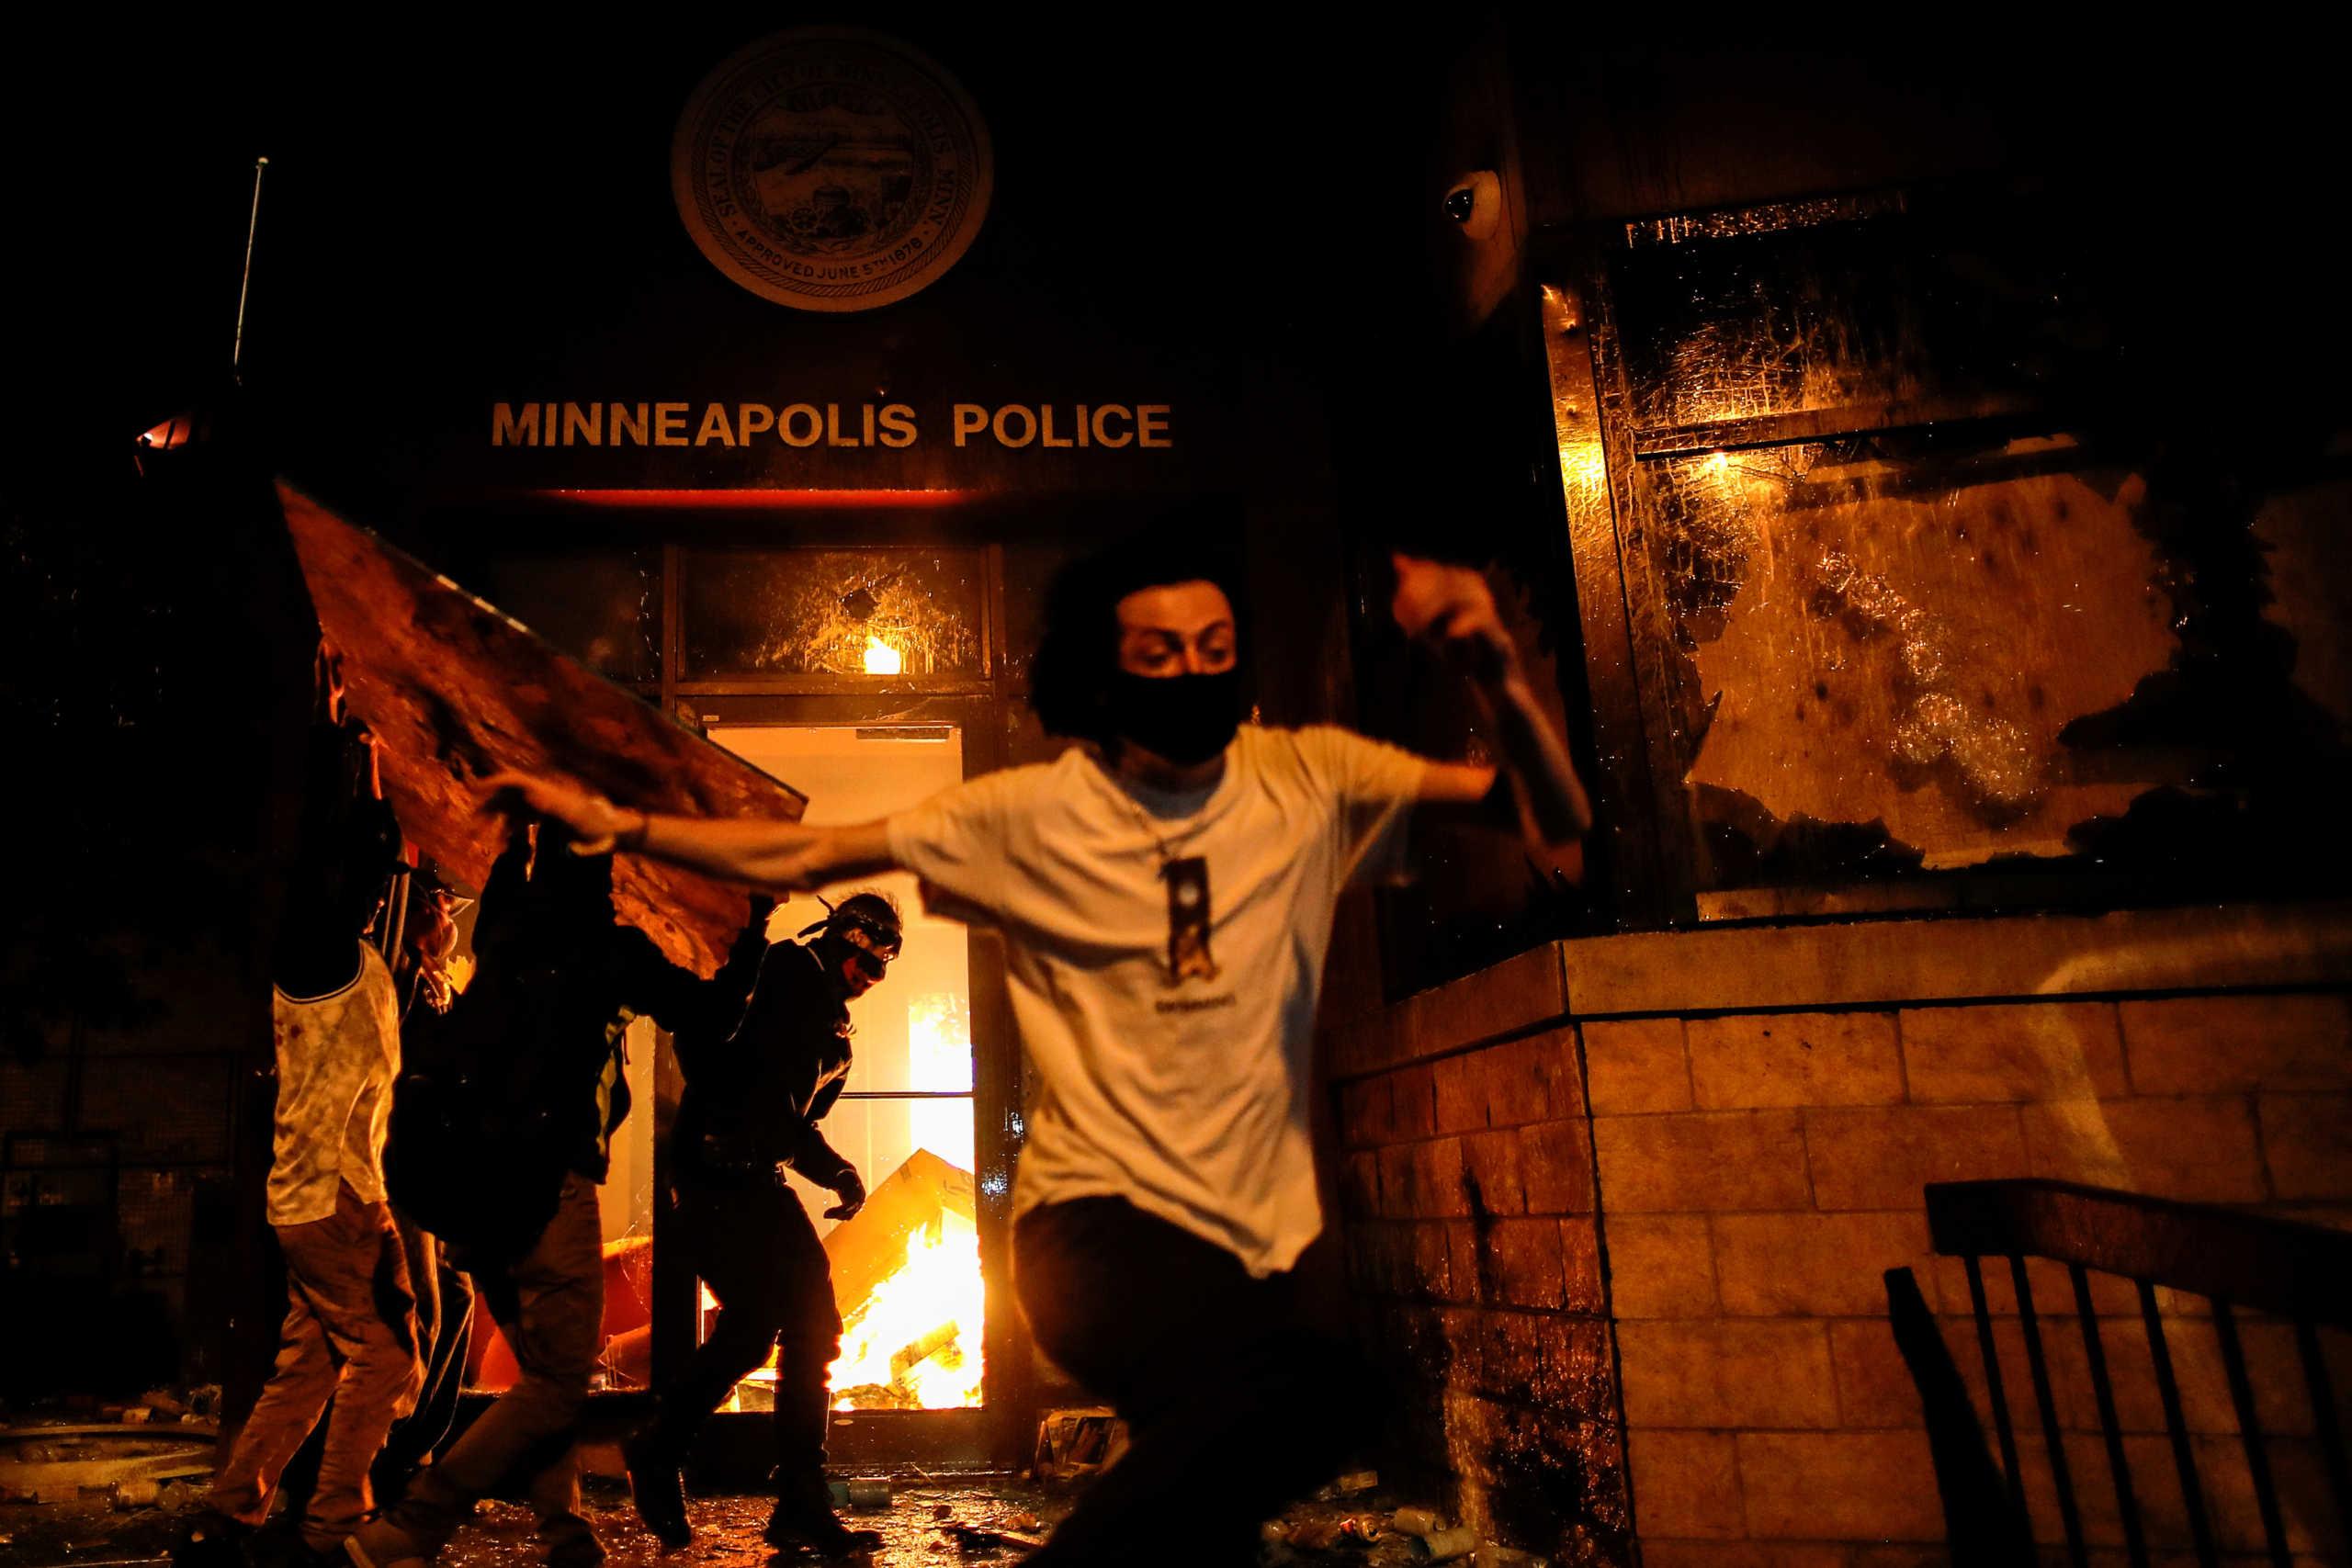 Τραμπ: Στέλνω την Εθνική Φρουρά και τον στρατό στην Μινεάπολη – Θα πυροβολείται όποιος λεηλατεί